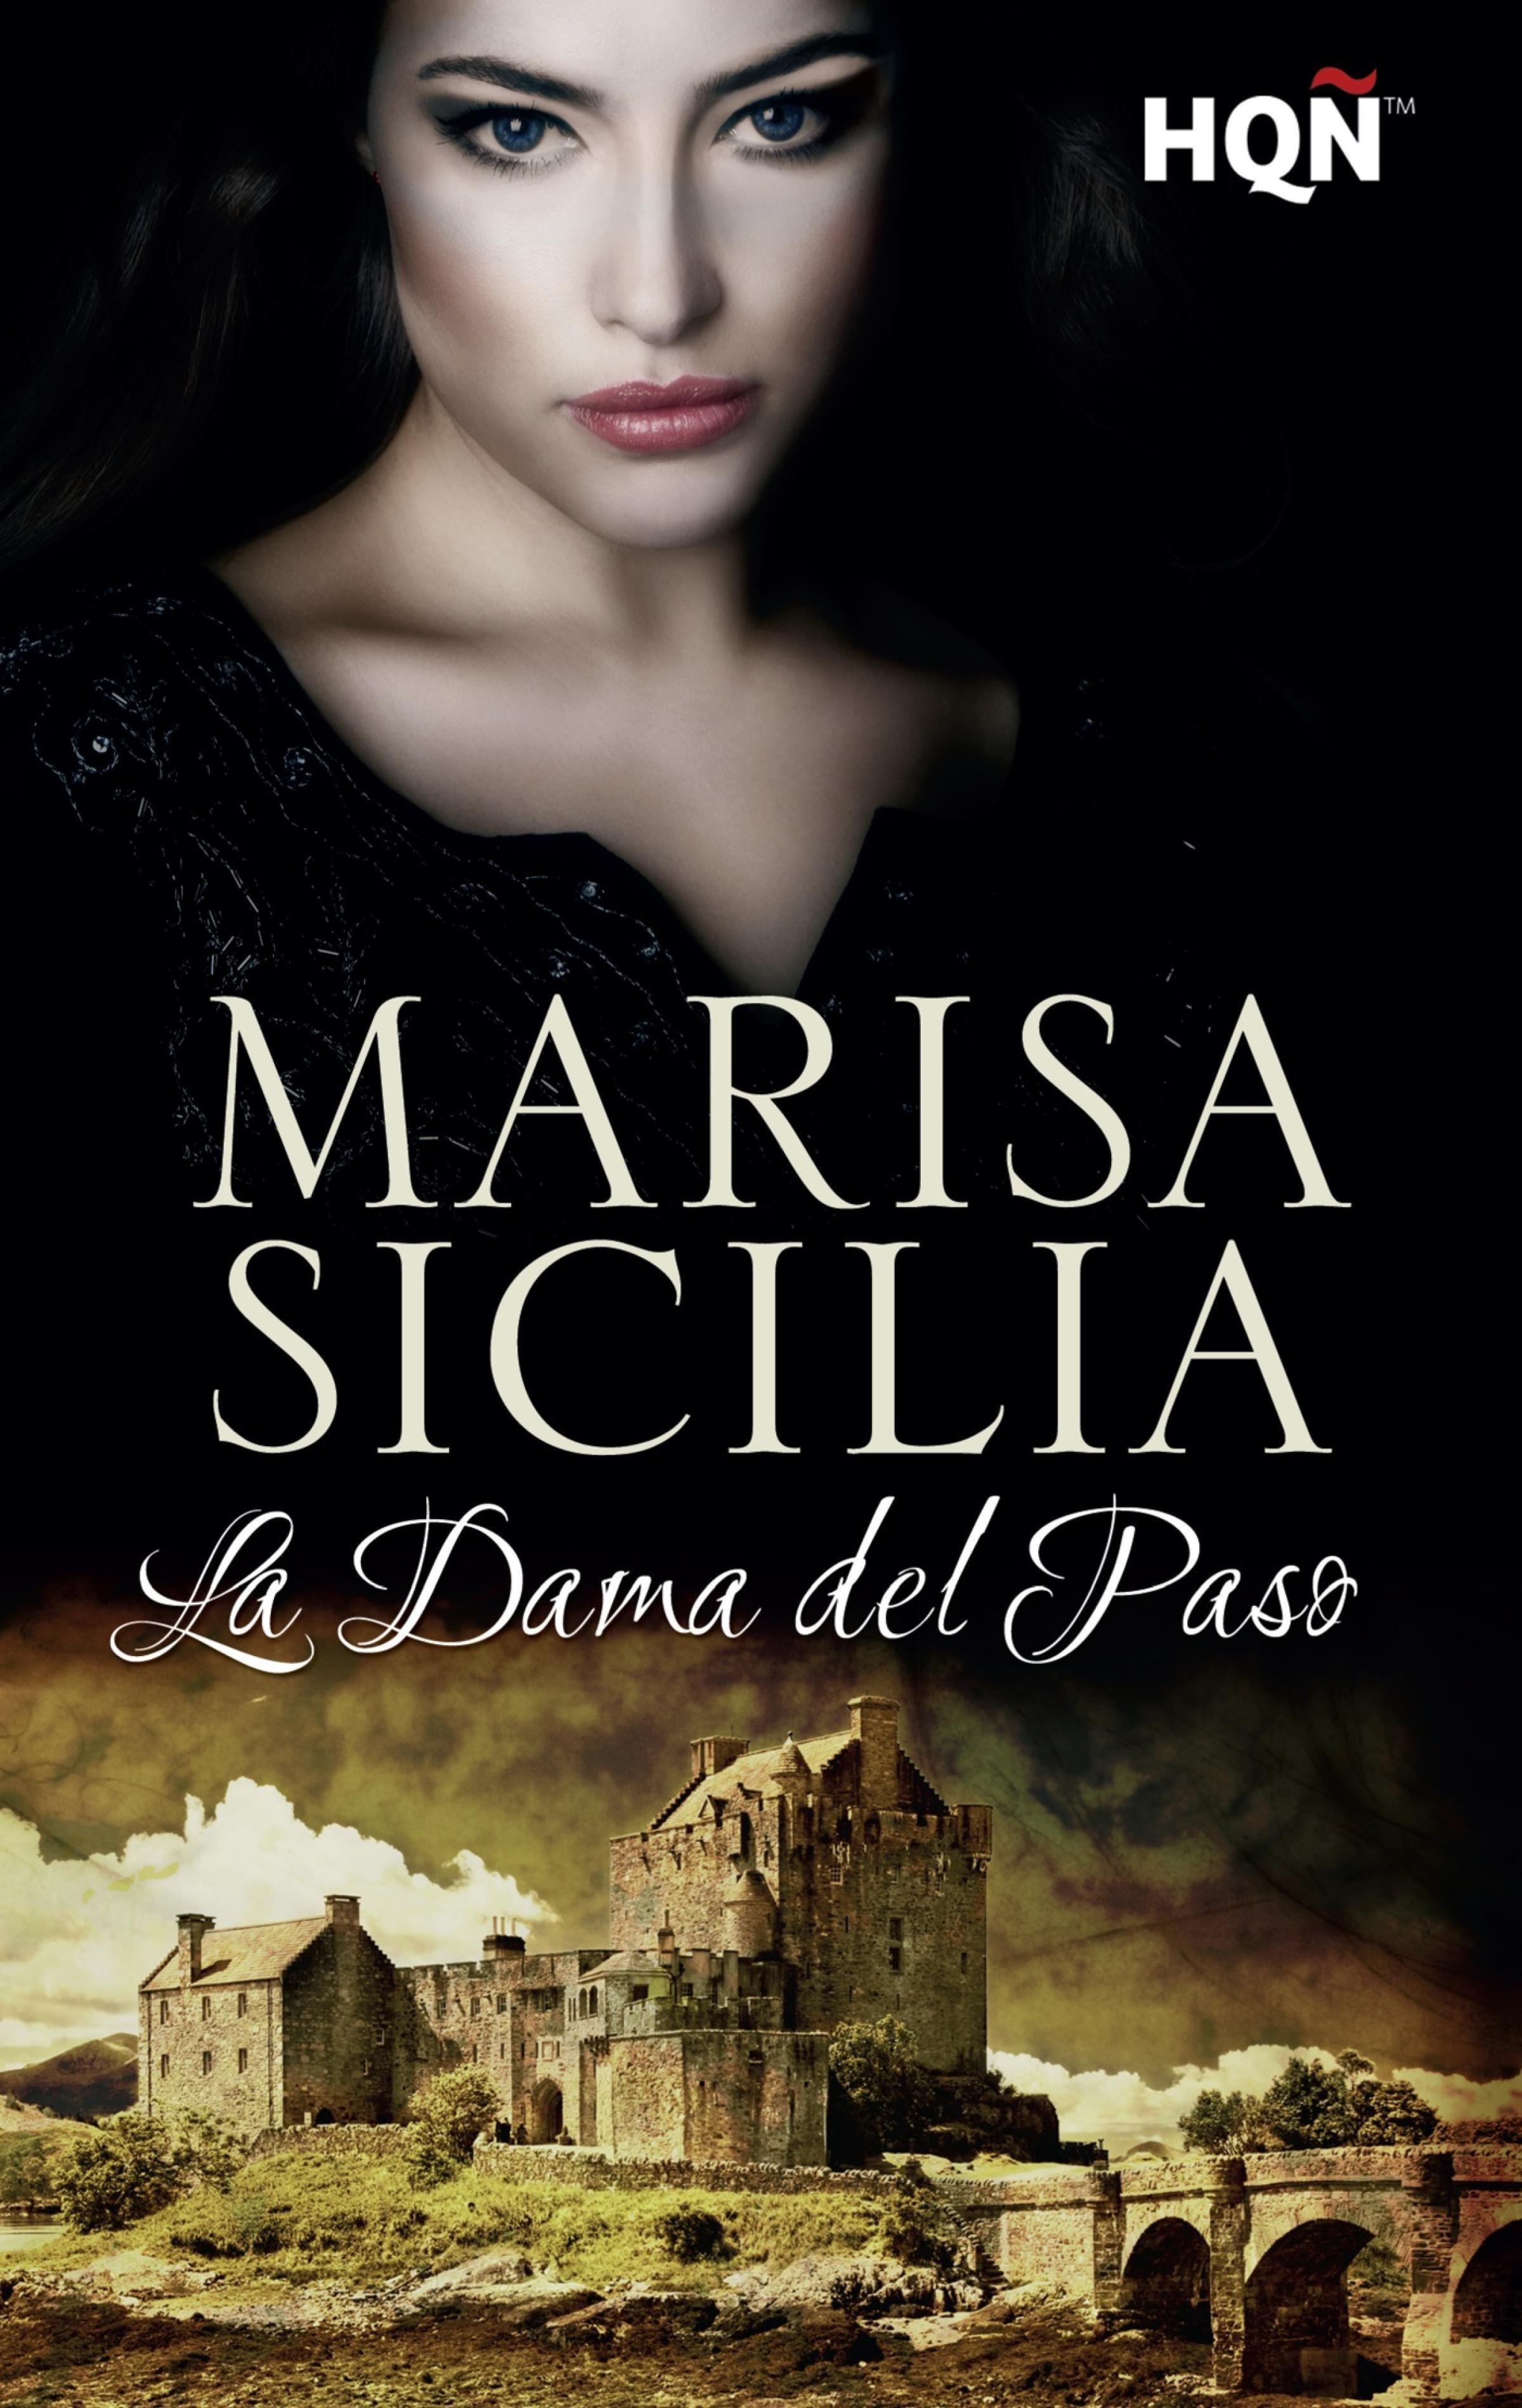 La dama del Paso - Marisa Sicilia (Rom) 9788468761152